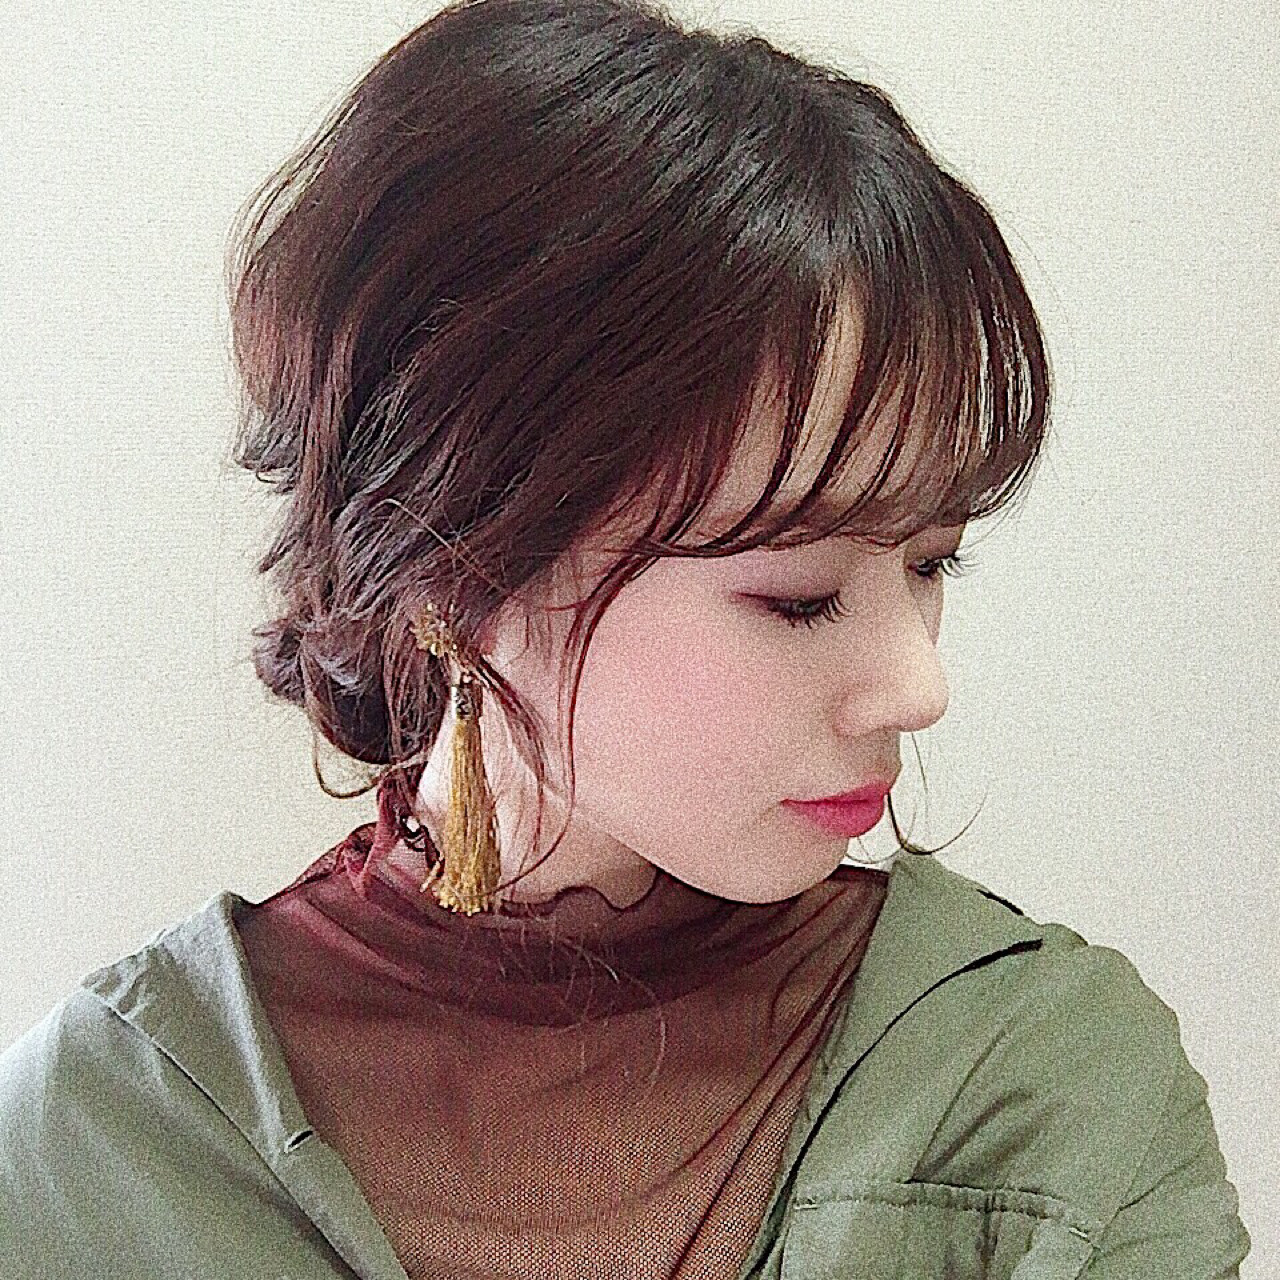 簡単ヘアアレンジ 大人かわいい フェミニン シースルーバング ヘアスタイルや髪型の写真・画像